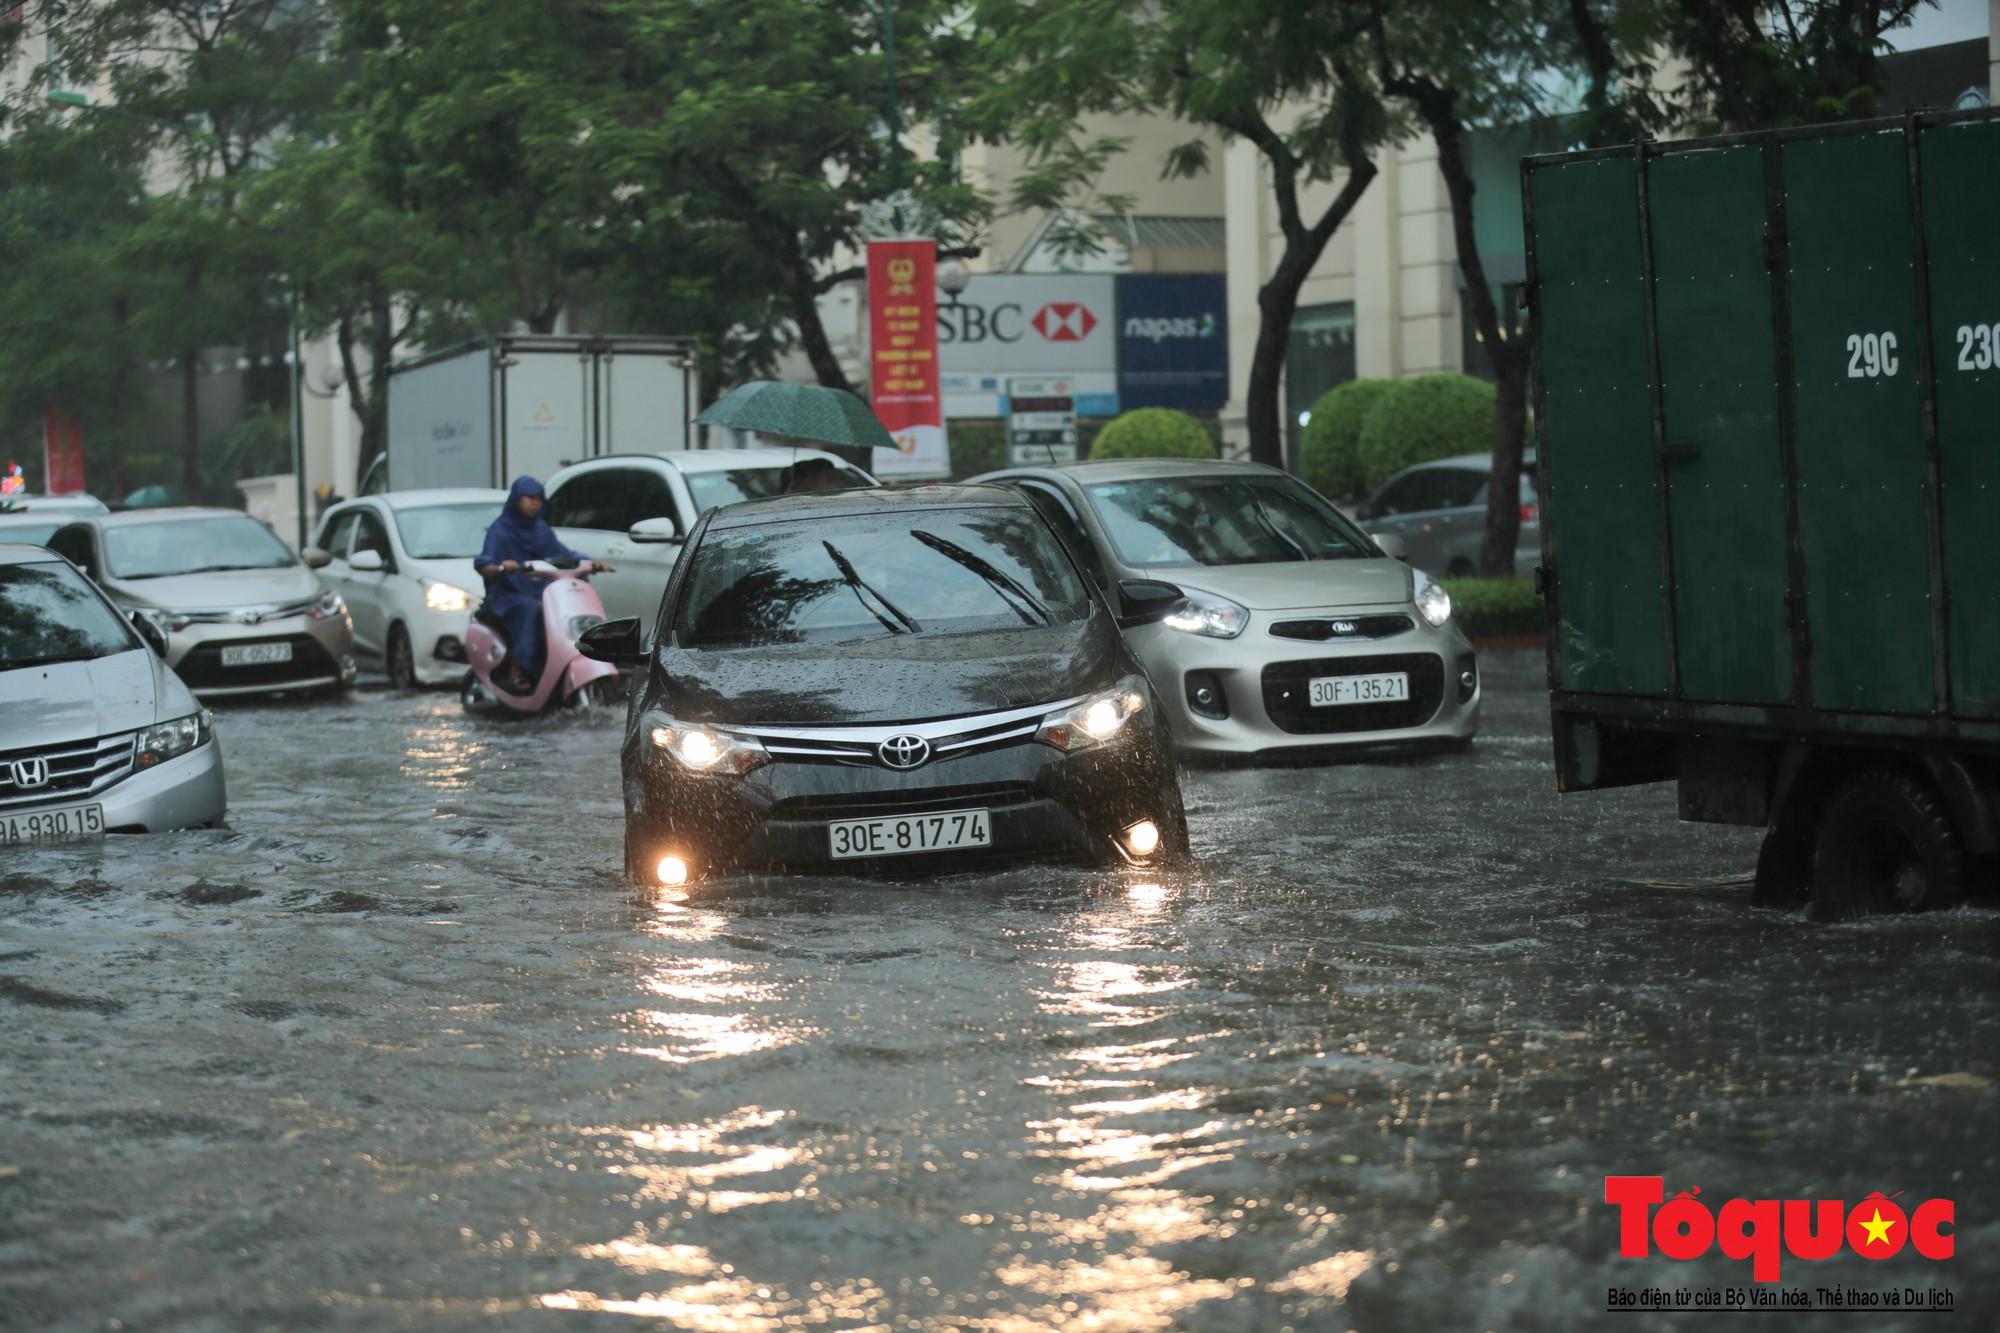 Hà Nội mưa lớn, xế hộp tập bơi qua tuyến phố ngâp nước (3)